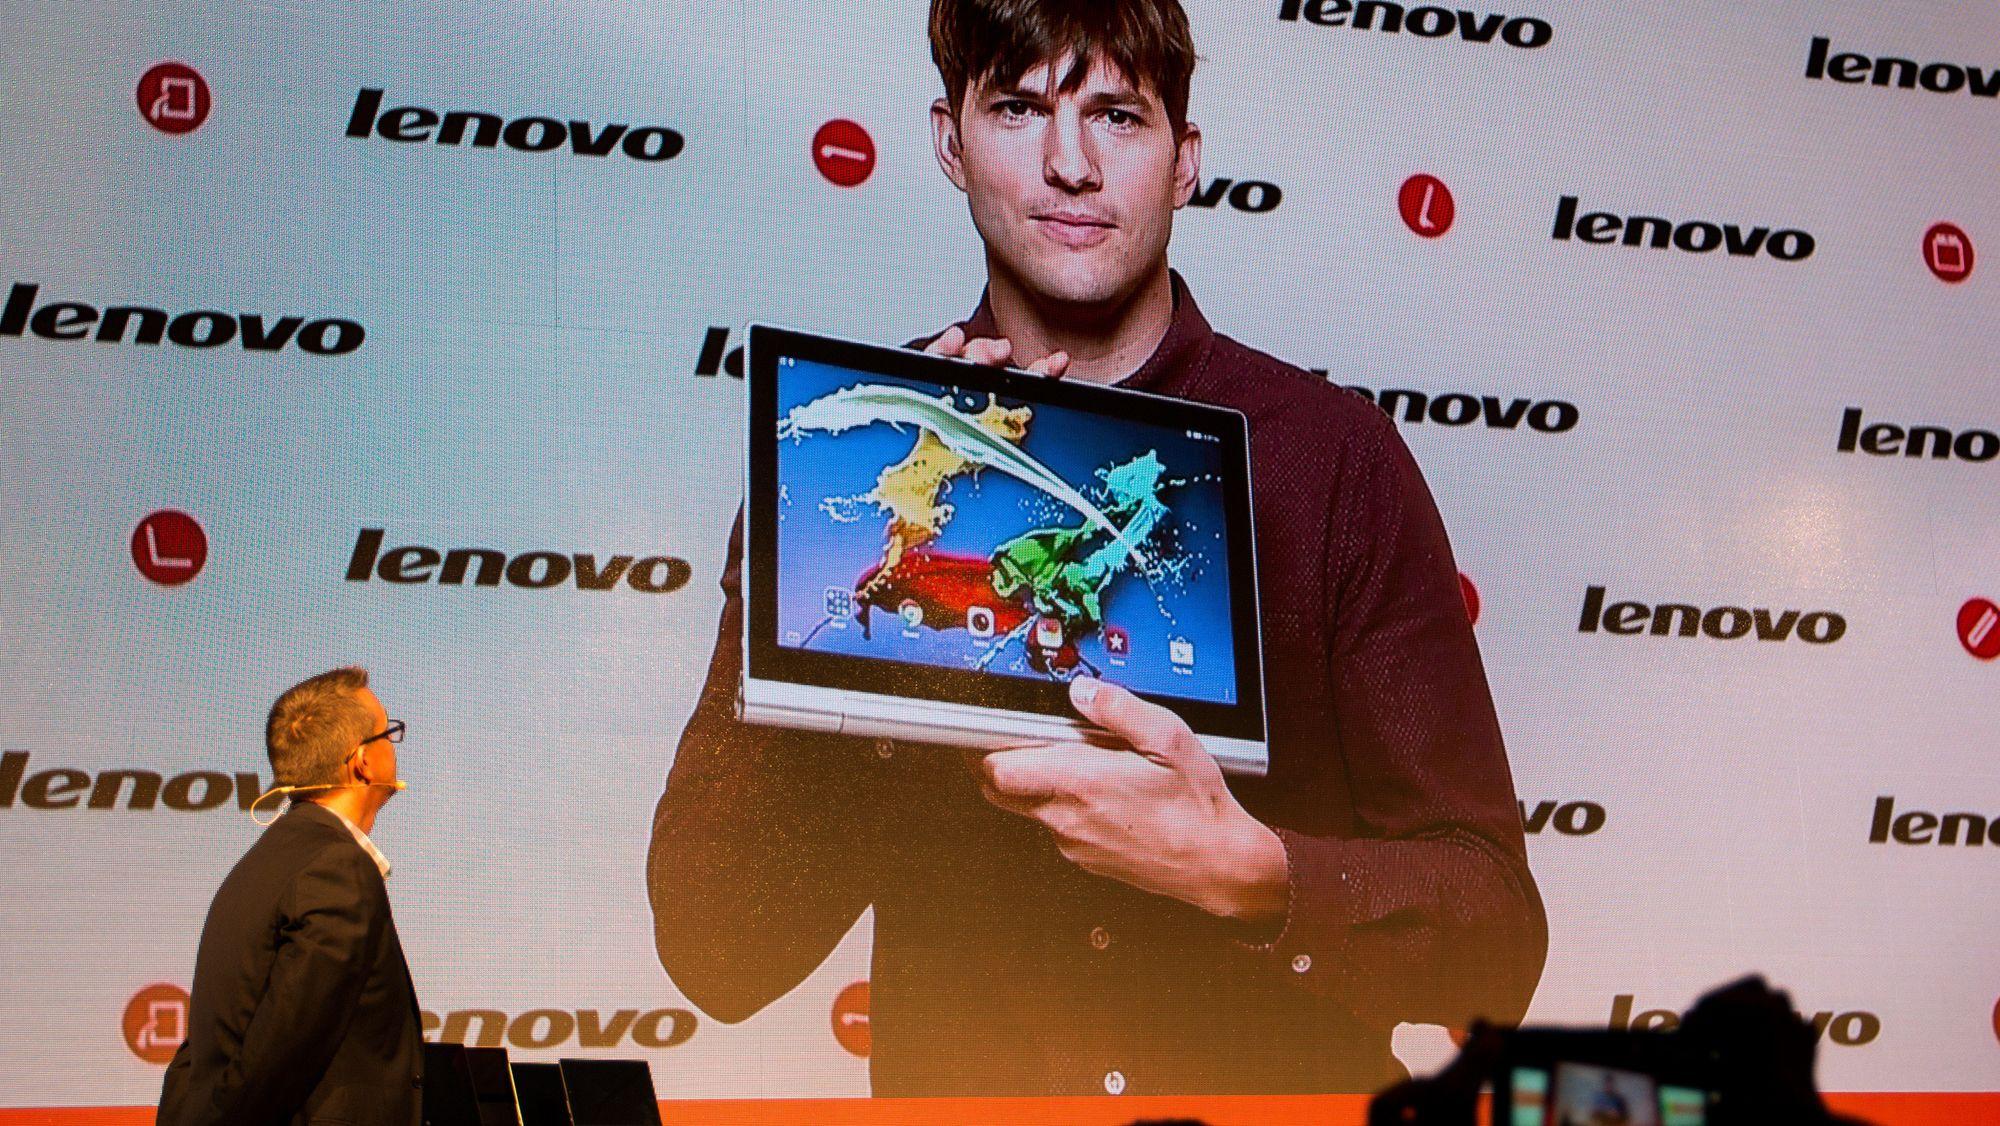 Les Lenovos nye har fått projektor og basshøyttaler